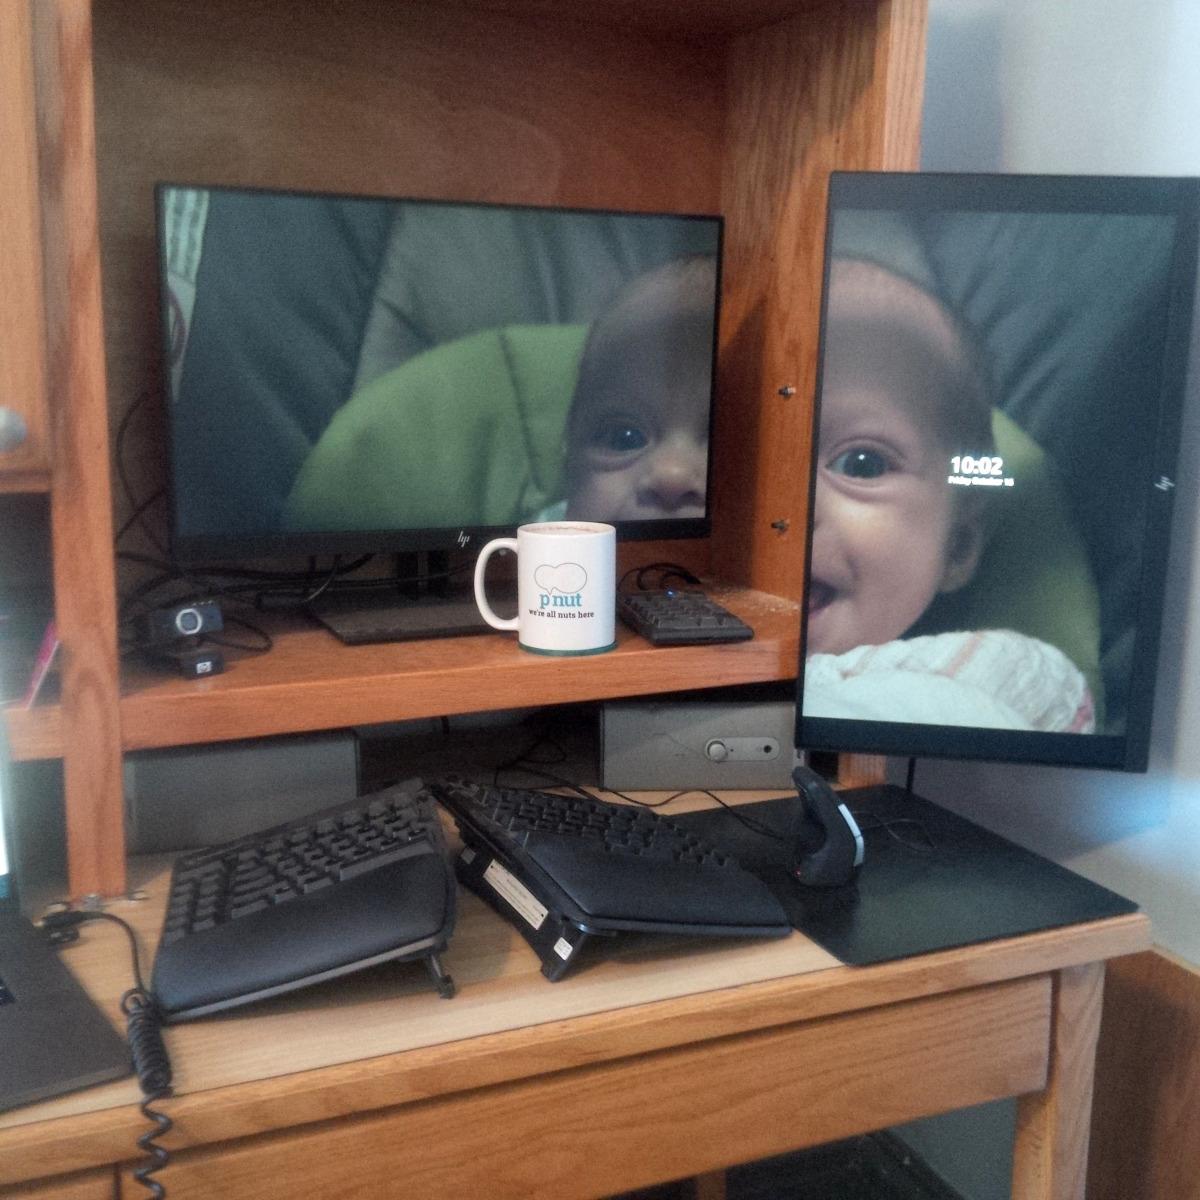 My current deskface